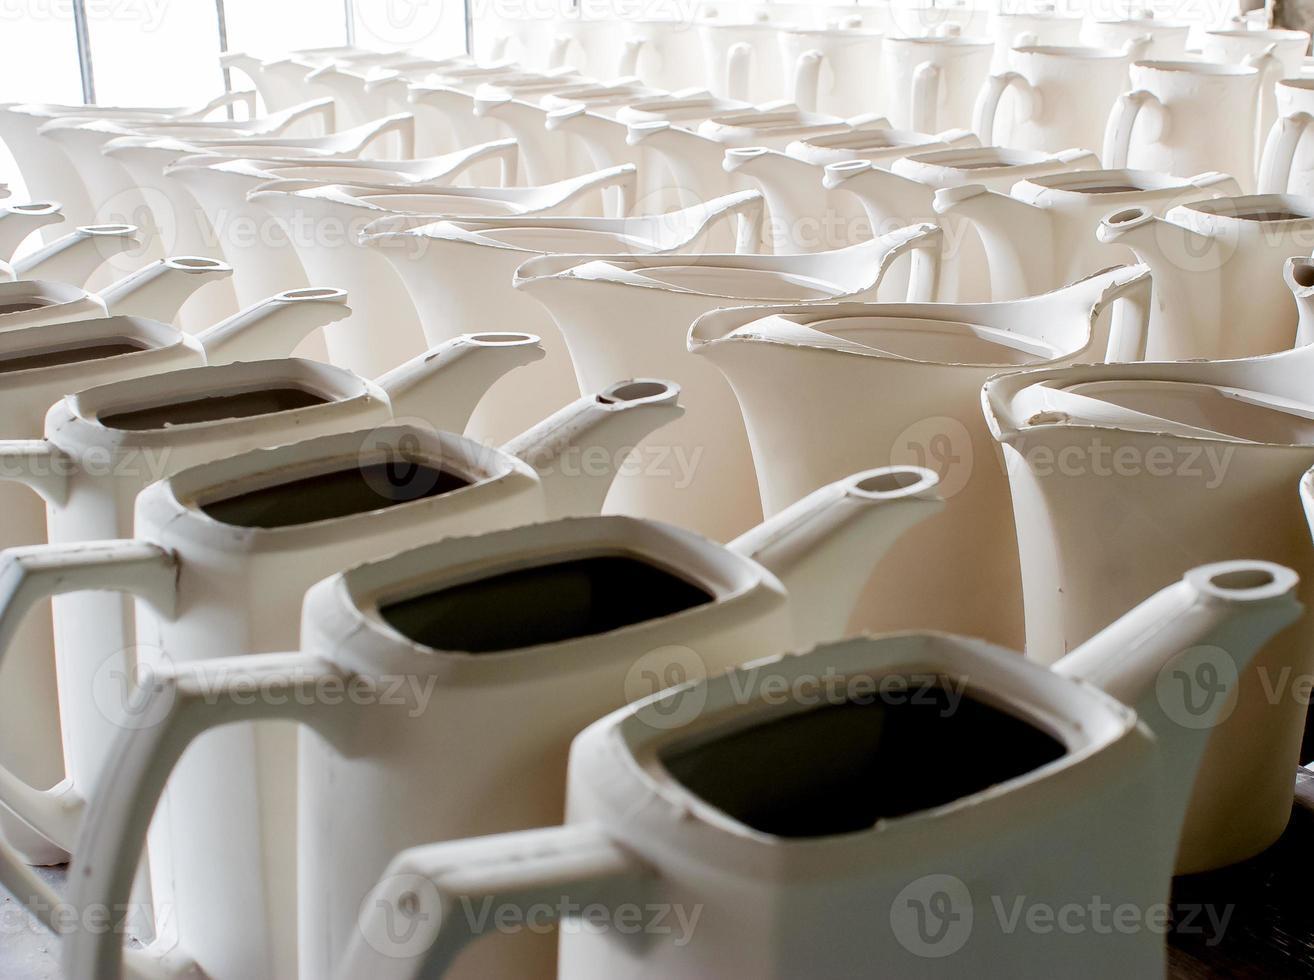 vasijas de porcelana foto